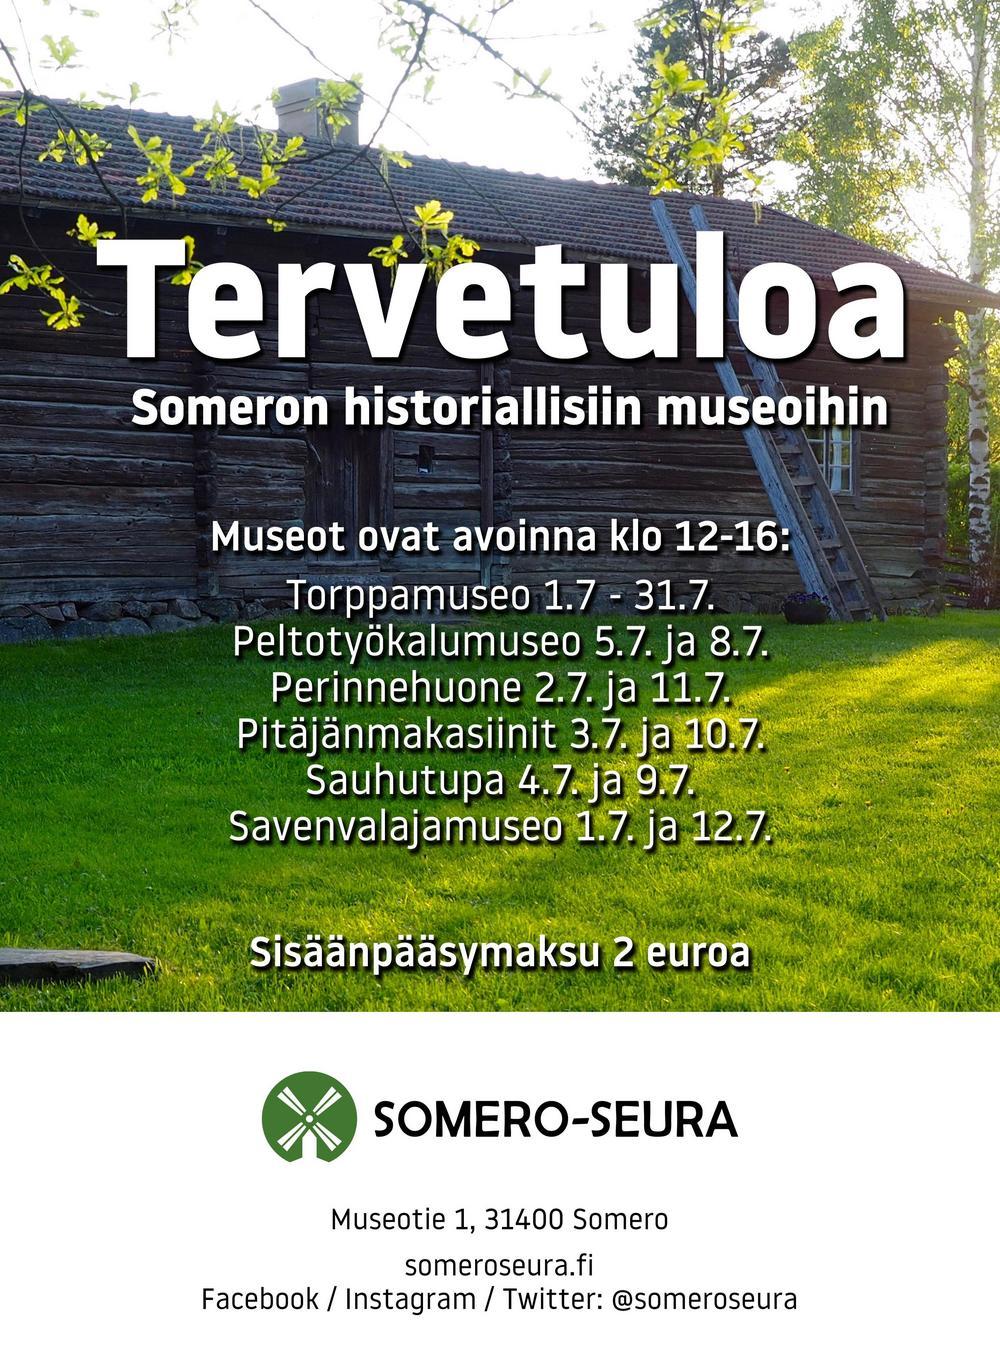 Tervetuloa Someron historiallisiin museoihin!